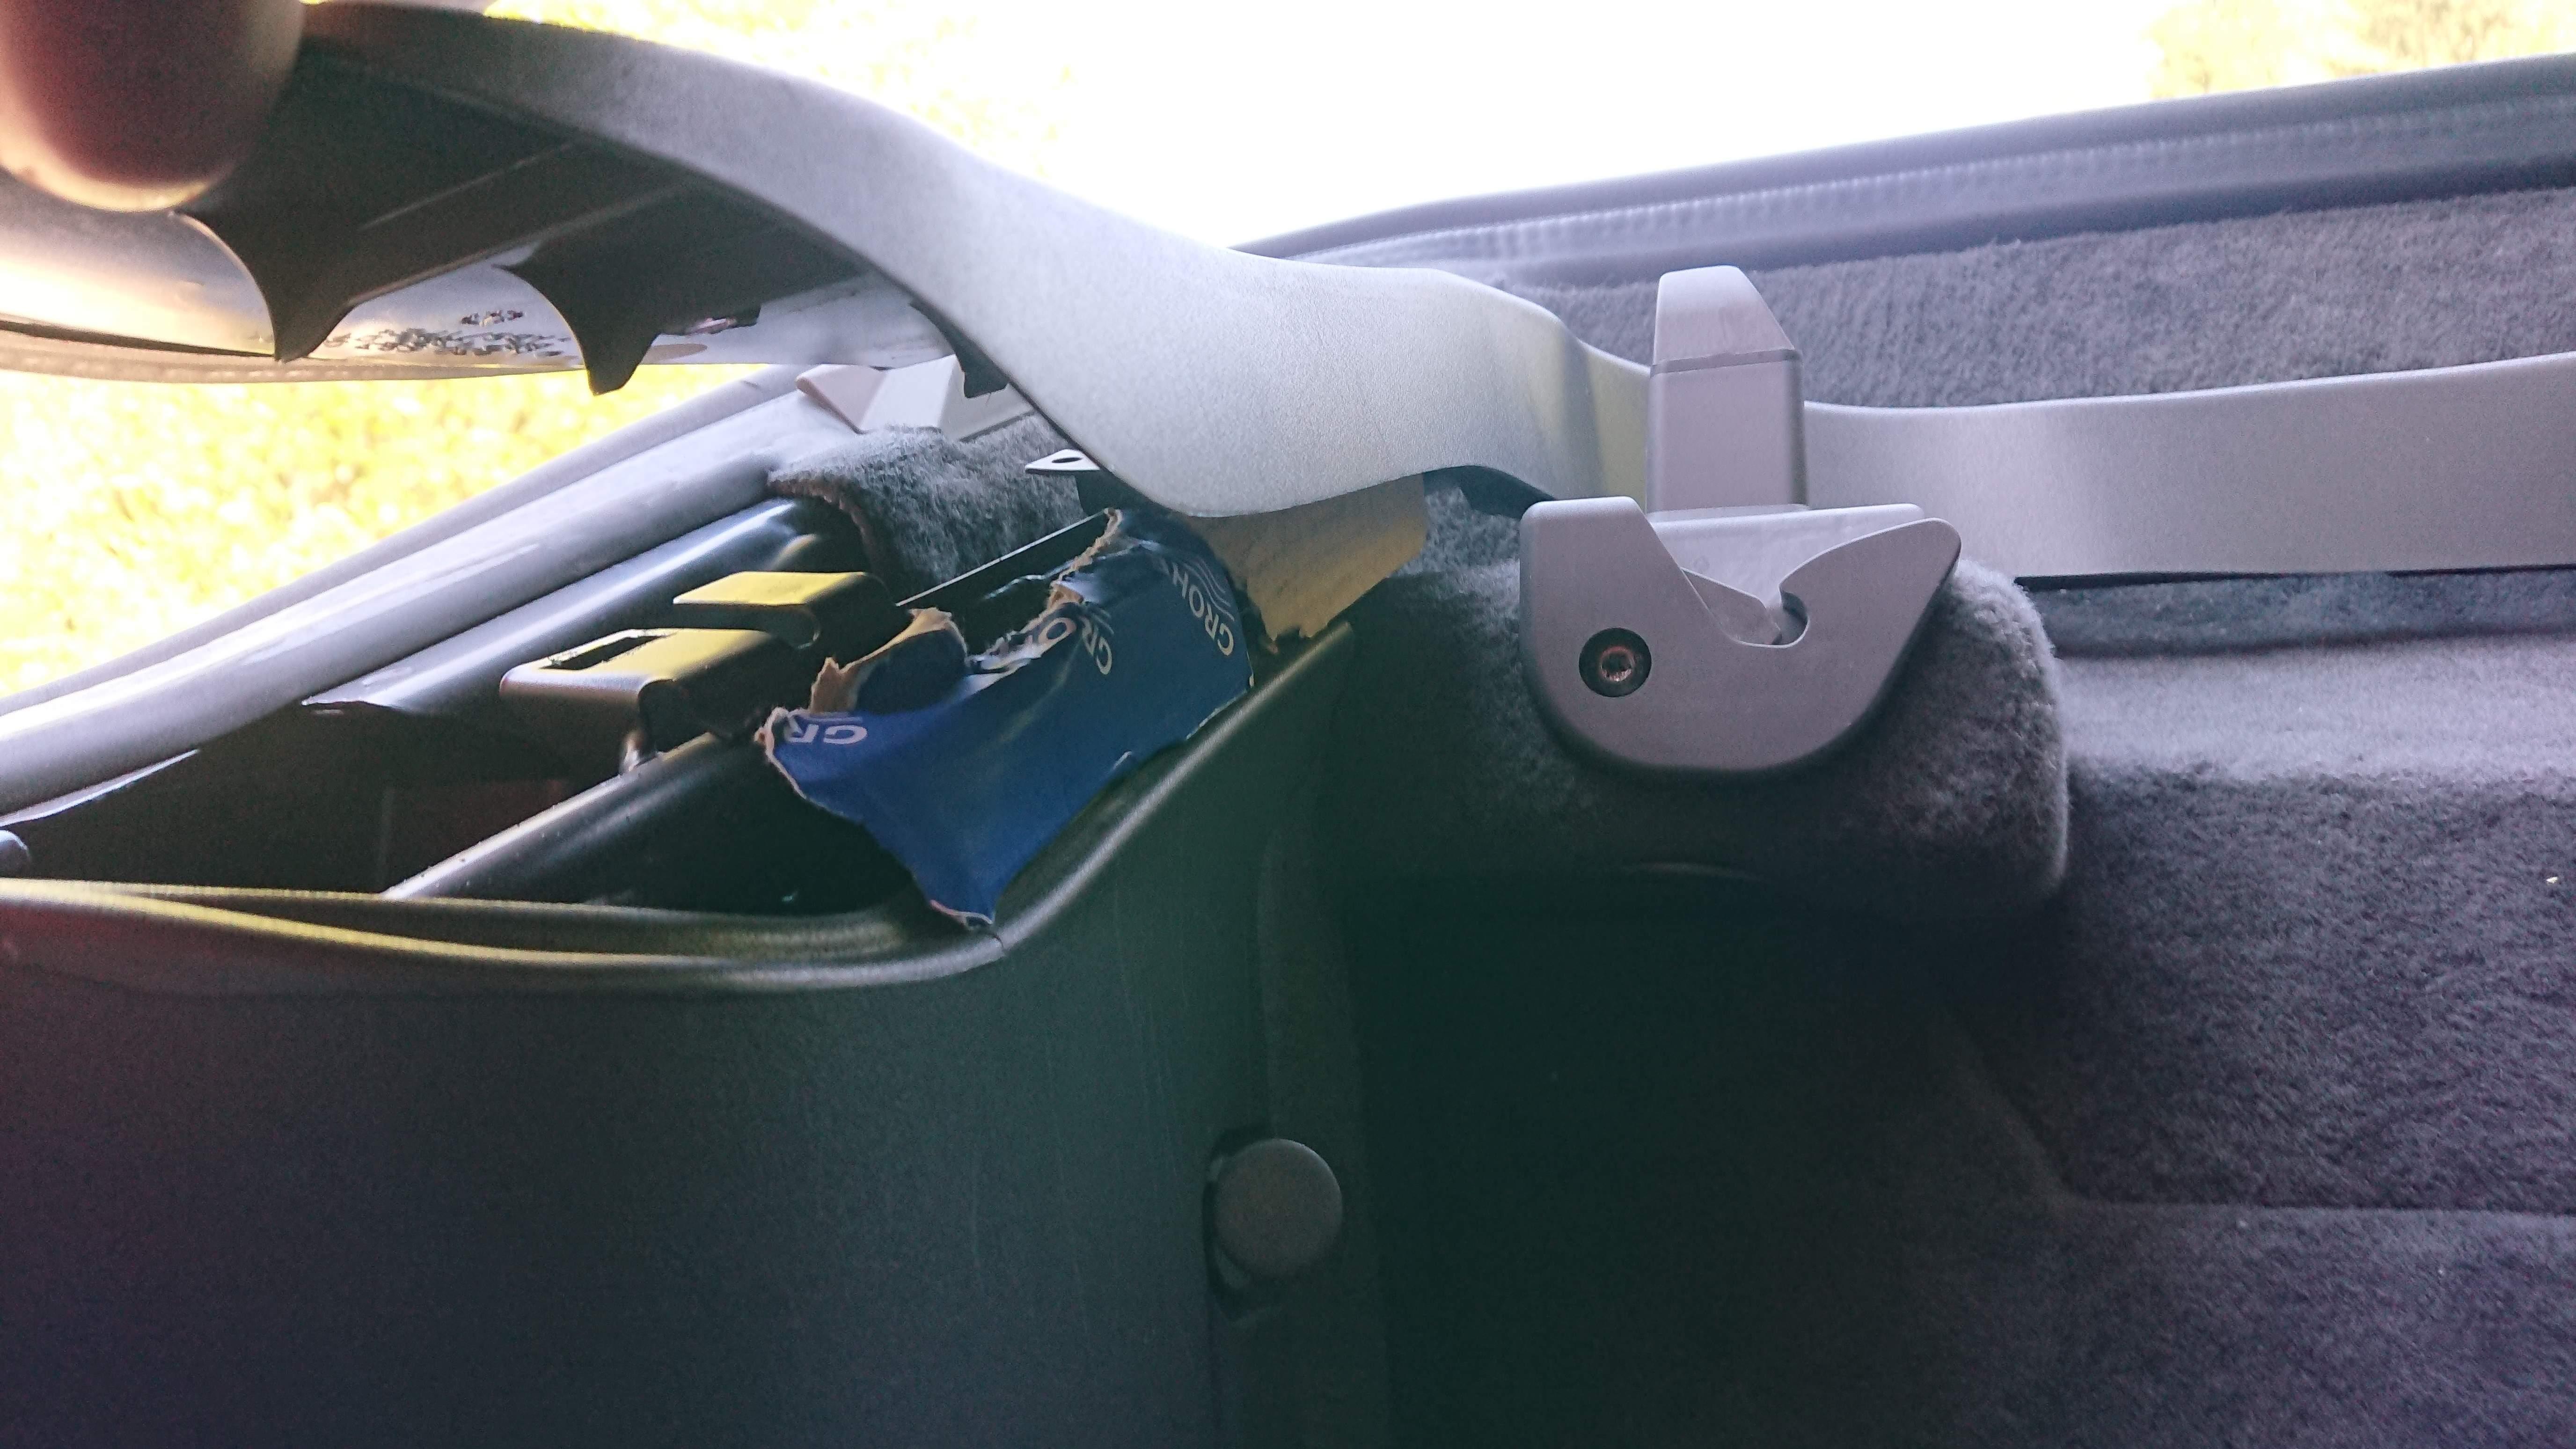 Karton hinter Kofferraumverkleidung